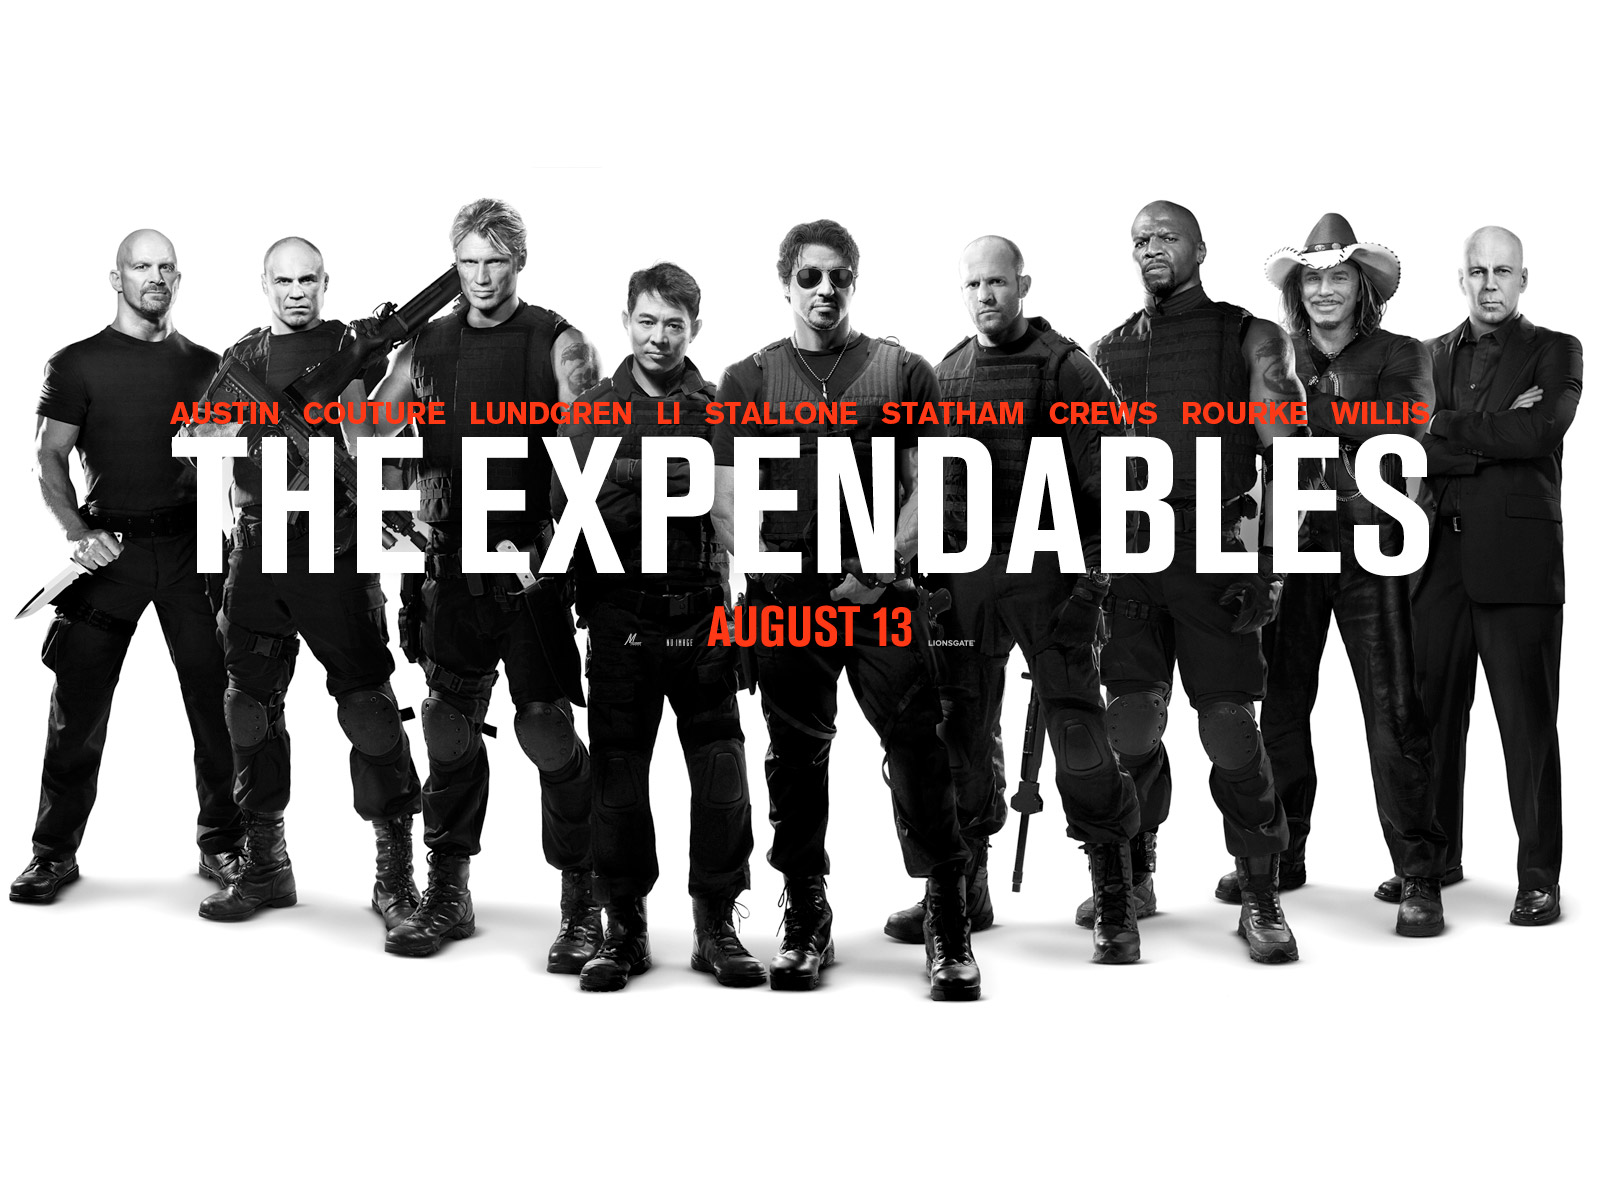 http://4.bp.blogspot.com/_nD_YgZuOadA/TIvo5GOKrYI/AAAAAAAAAXg/S2JWhSpRQek/s1600/Sylvester_Stallone_in_The_Expendables_Wallpaper_1_1280.jpg